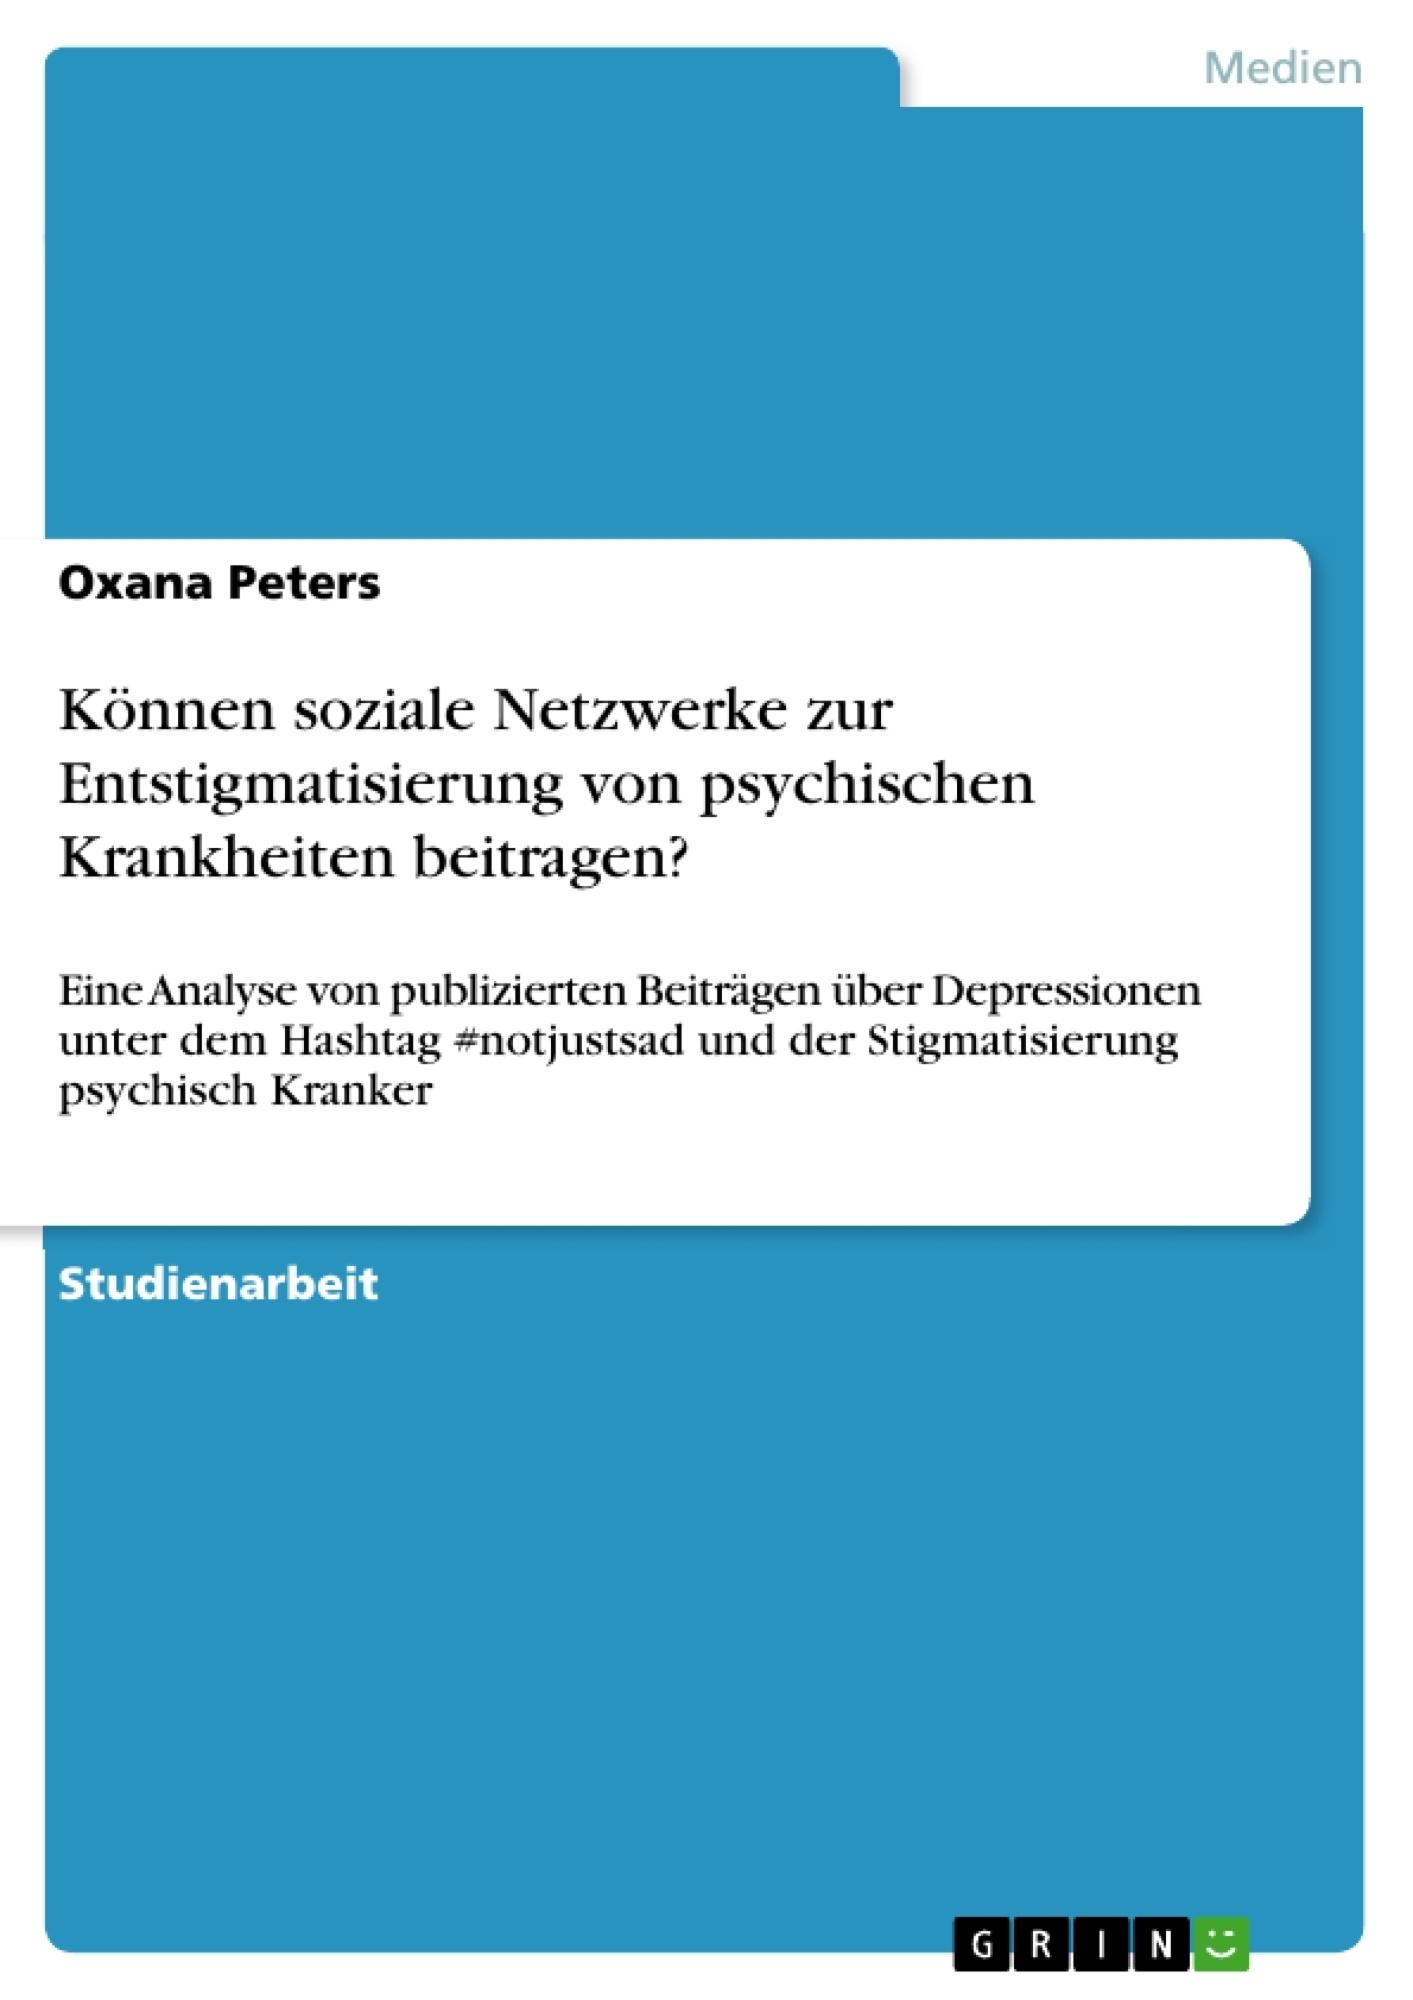 Titel: Können soziale Netzwerke zur Entstigmatisierung von psychischen Krankheiten beitragen?